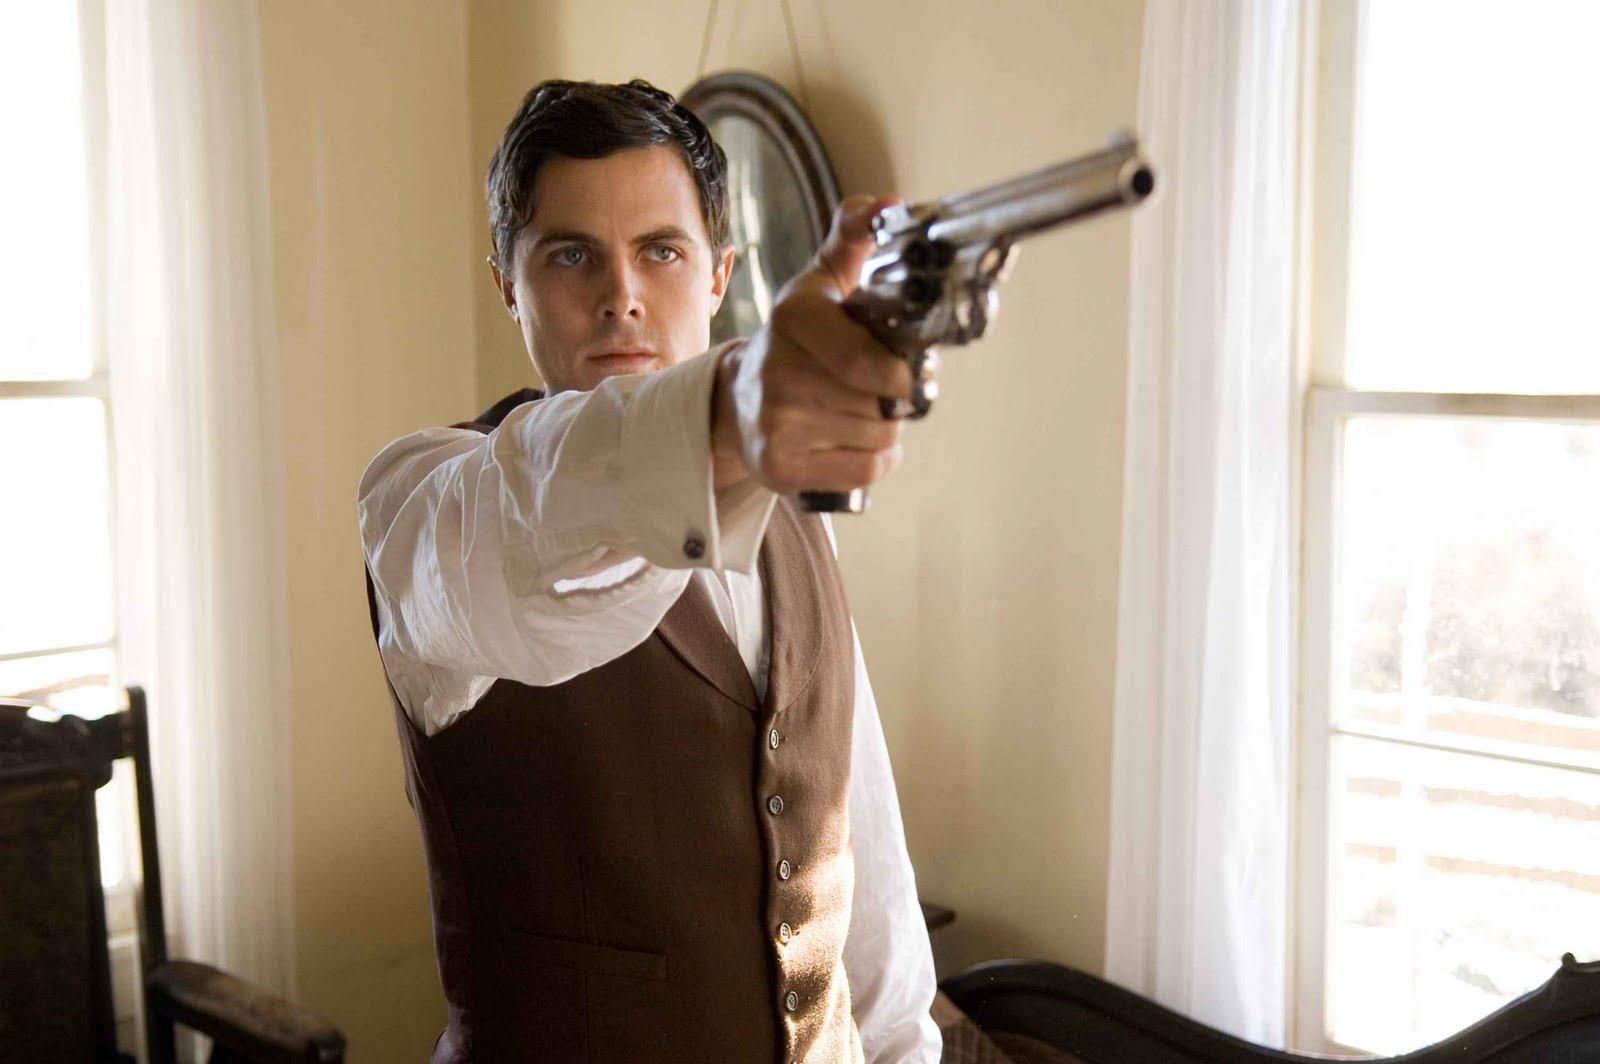 http://1.bp.blogspot.com/_lZX1vnn5Ge4/TCHg7opjtuI/AAAAAAAACbA/zmLP8TFnchw/s1600/Assassination+of+Jesse+James+4.jpg